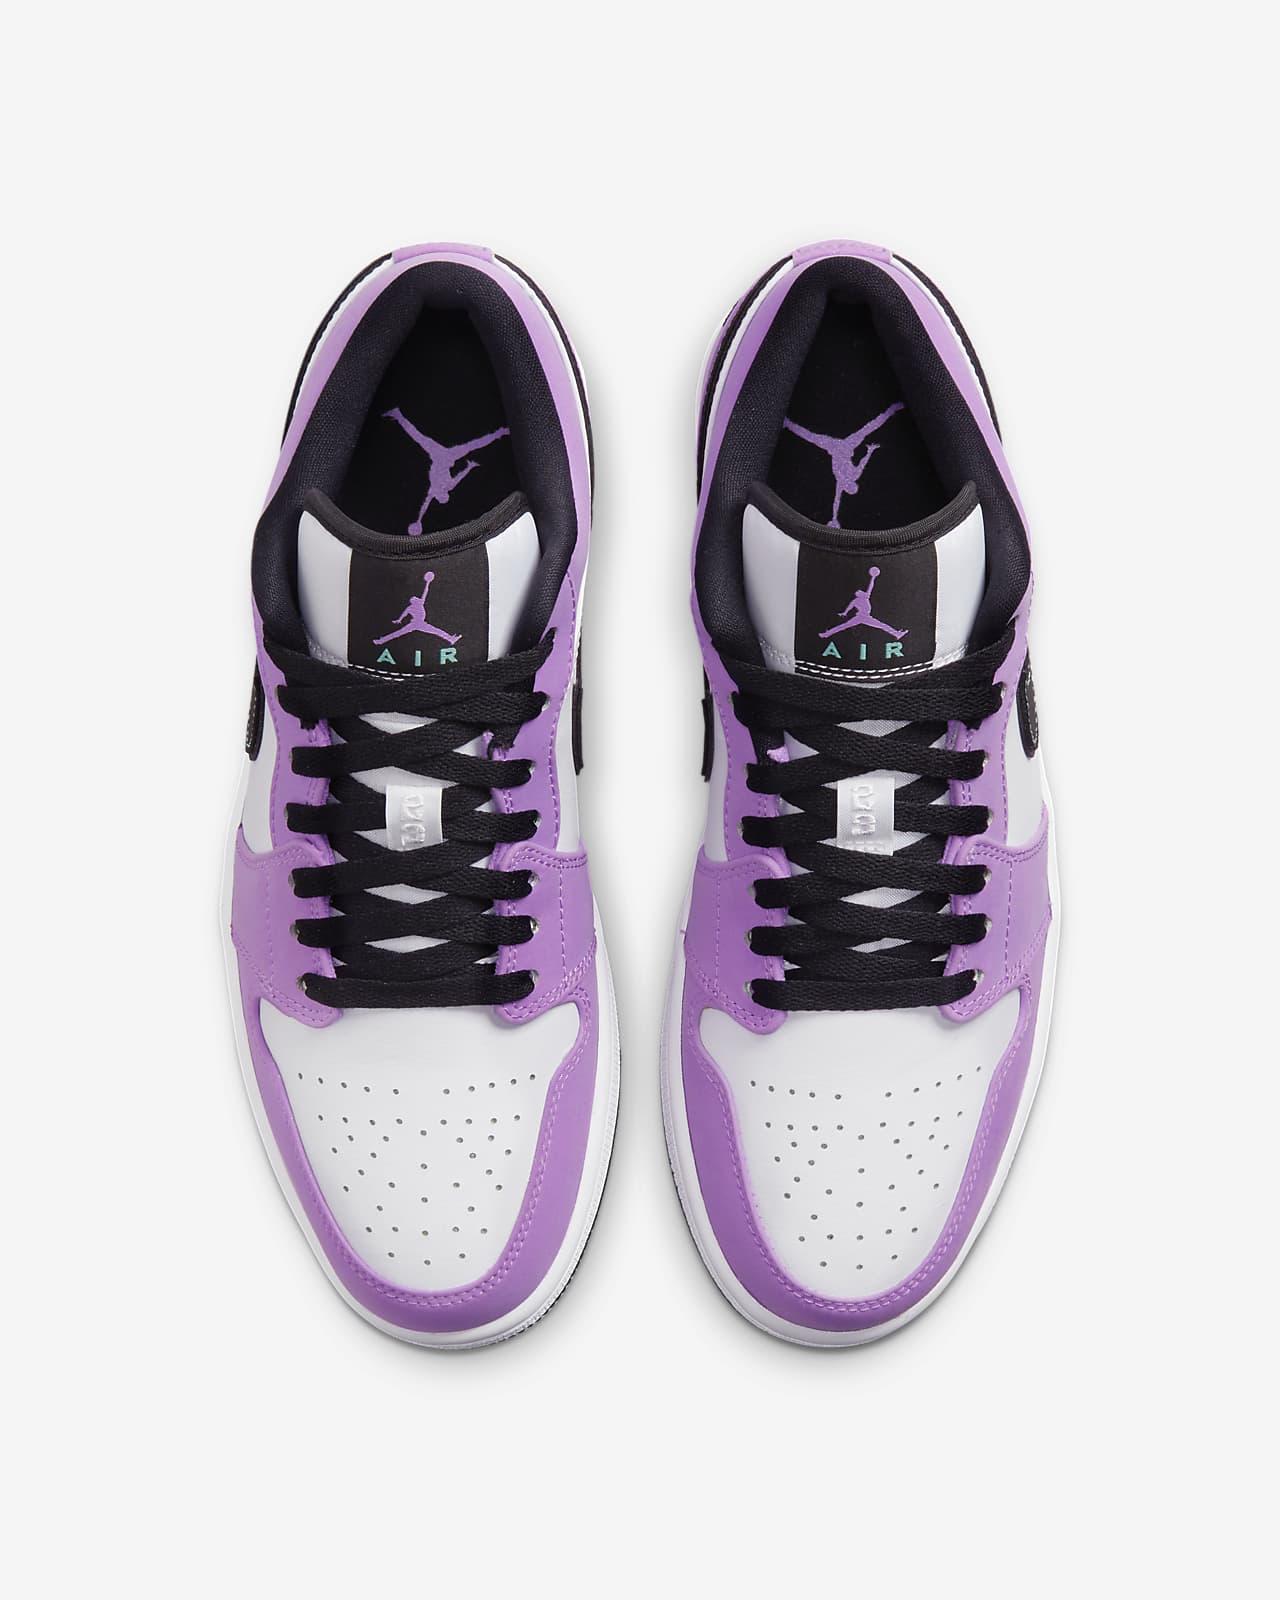 Air Jordan 1 Low SE Shoe. Nike LU